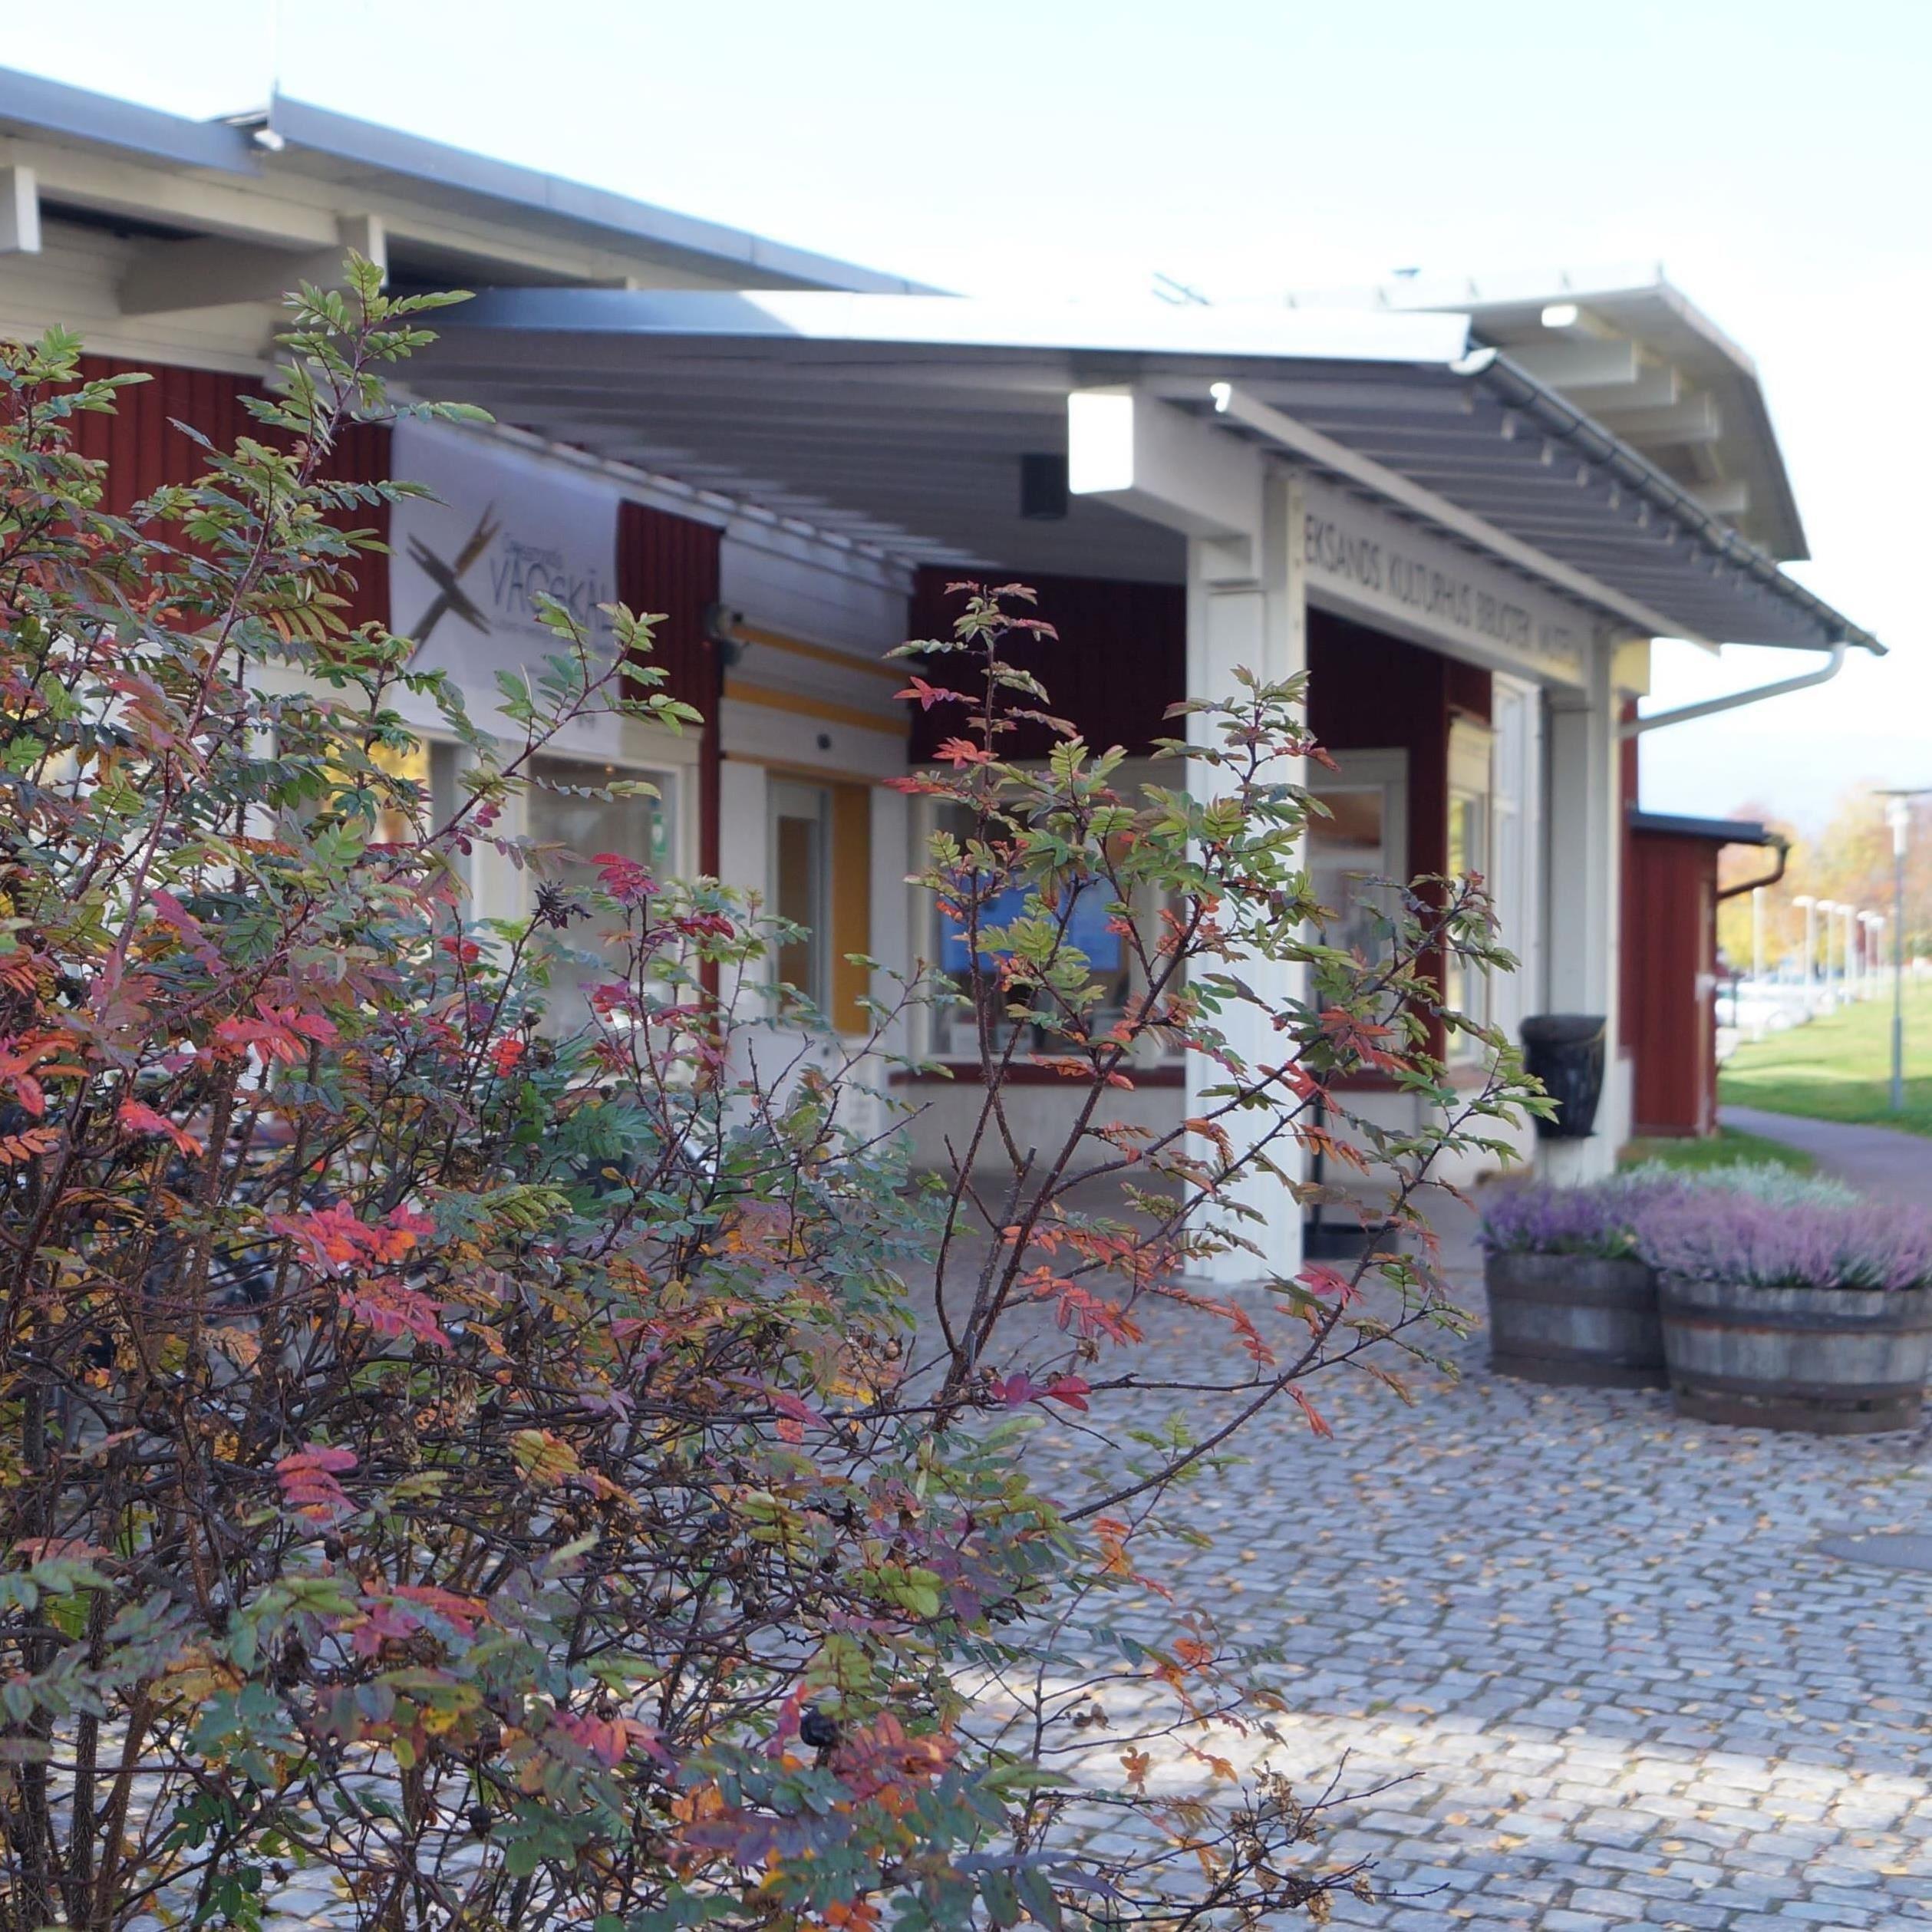 Ingela Sannesjö, Culture house museum (copy) (copy) (copy)